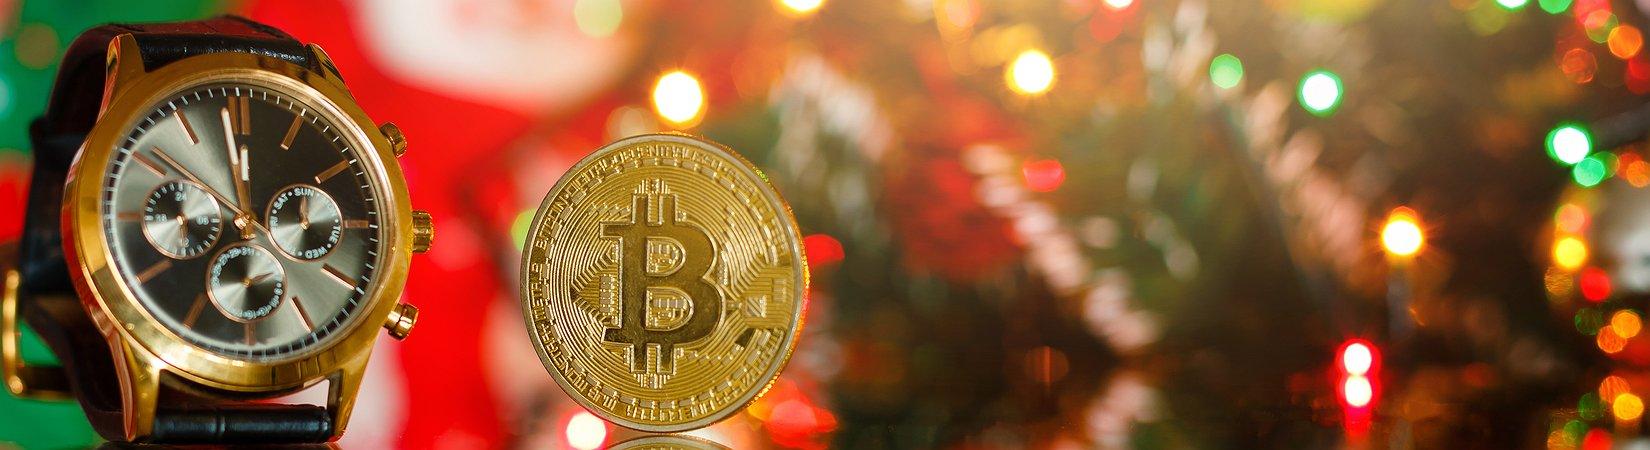 El precio del bitcoin podría alcanzar los 10.000 $ en Navidad